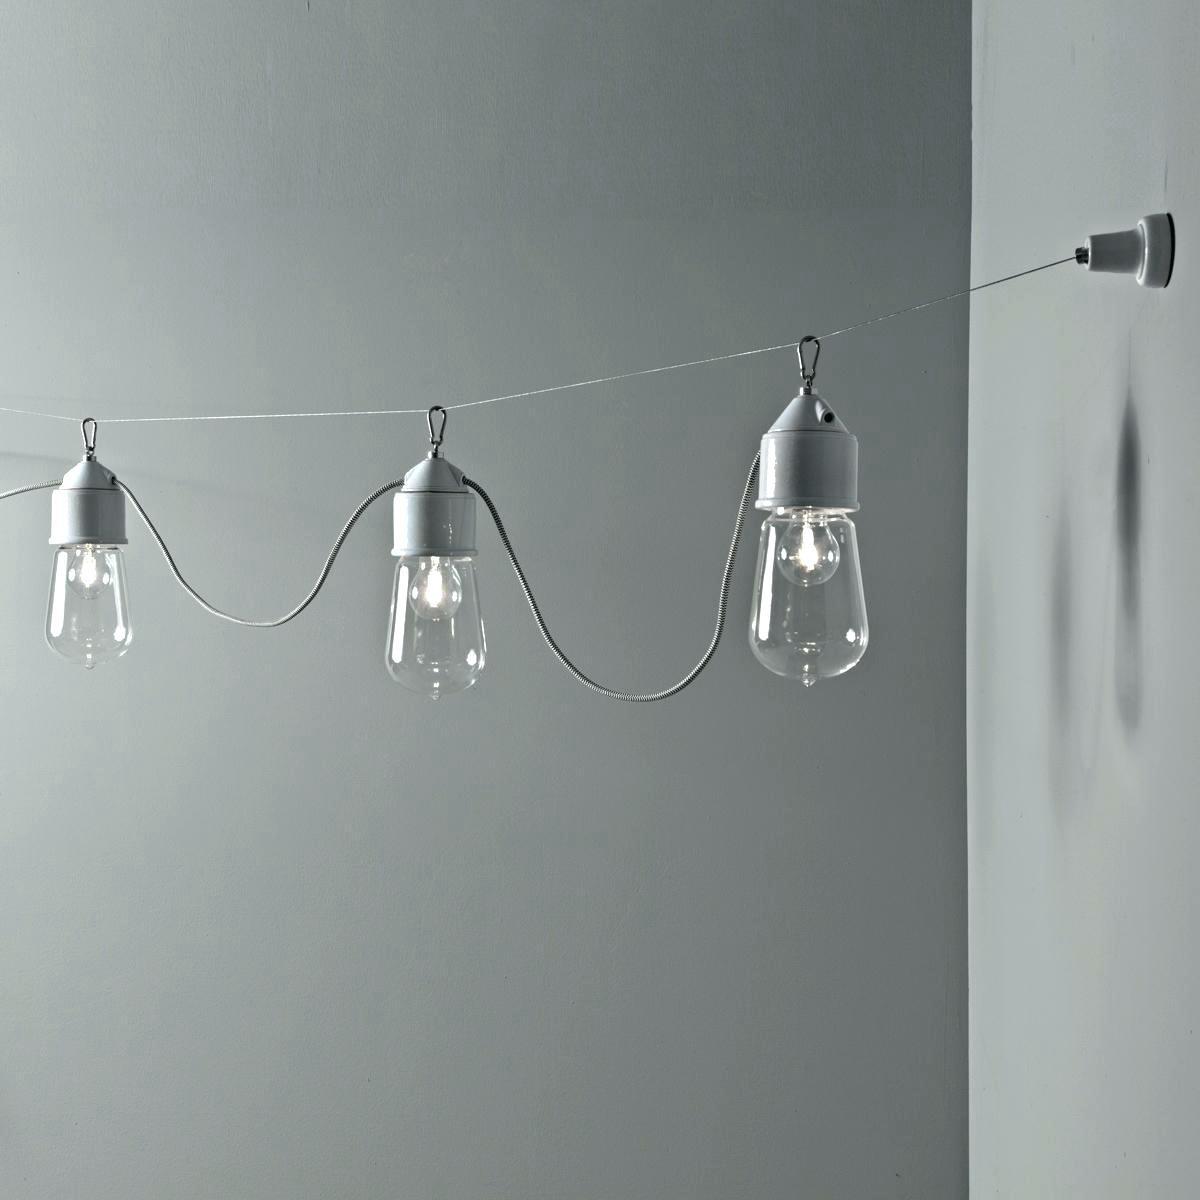 Seilsysteme Beleuchtung  Beleuchtung Seilsystem Lampen Montage Leuchten Dimmbar Led